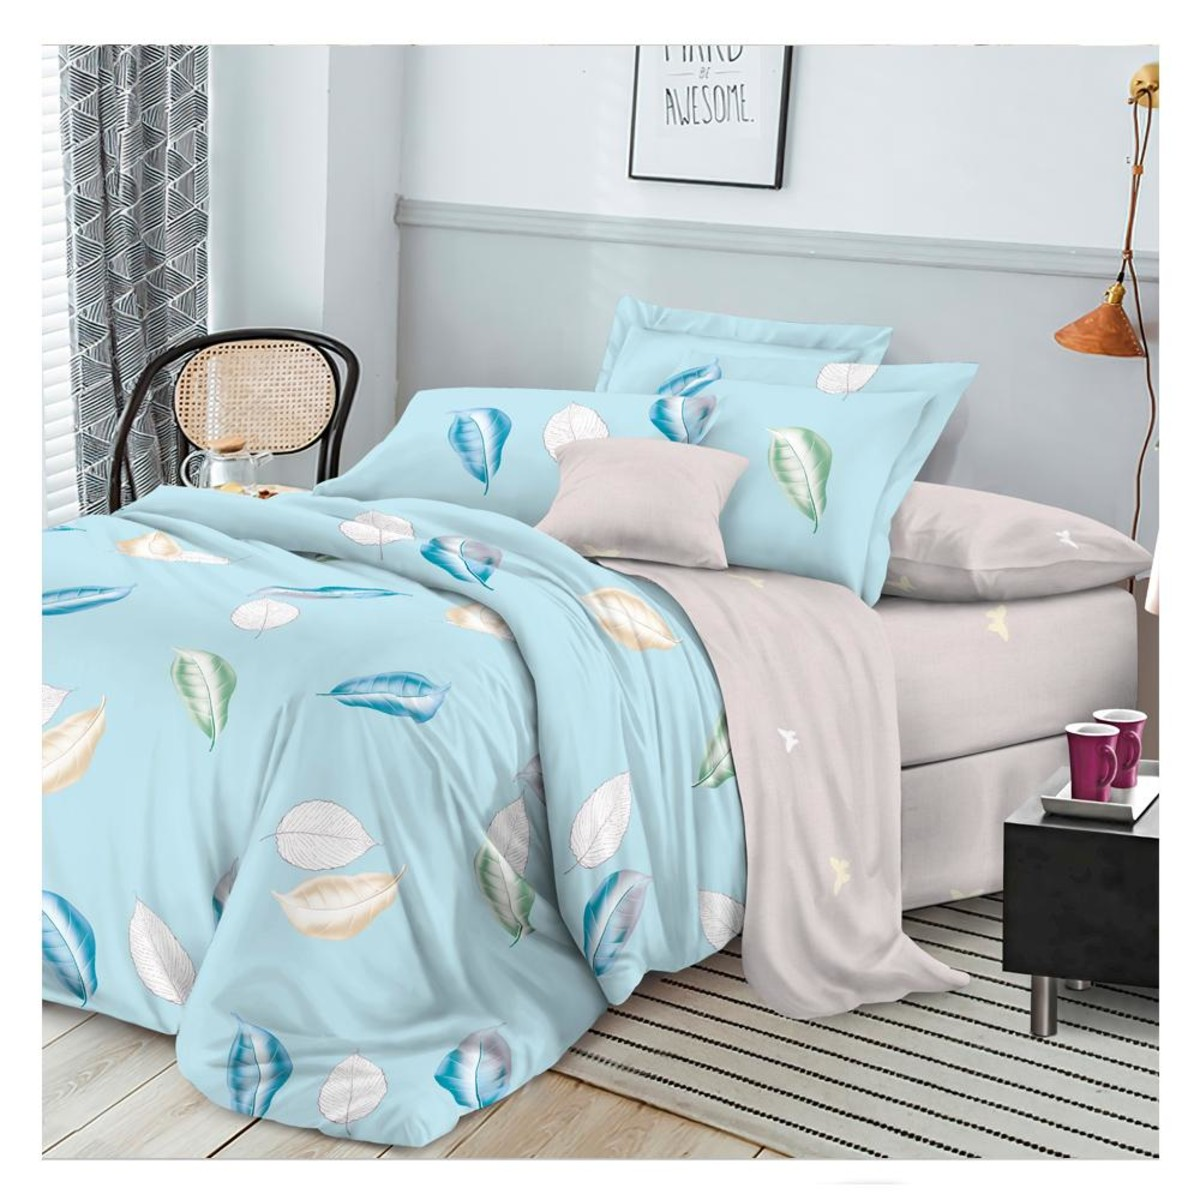 Комплект постельного белья евро Протекс Органик 27359 сатин